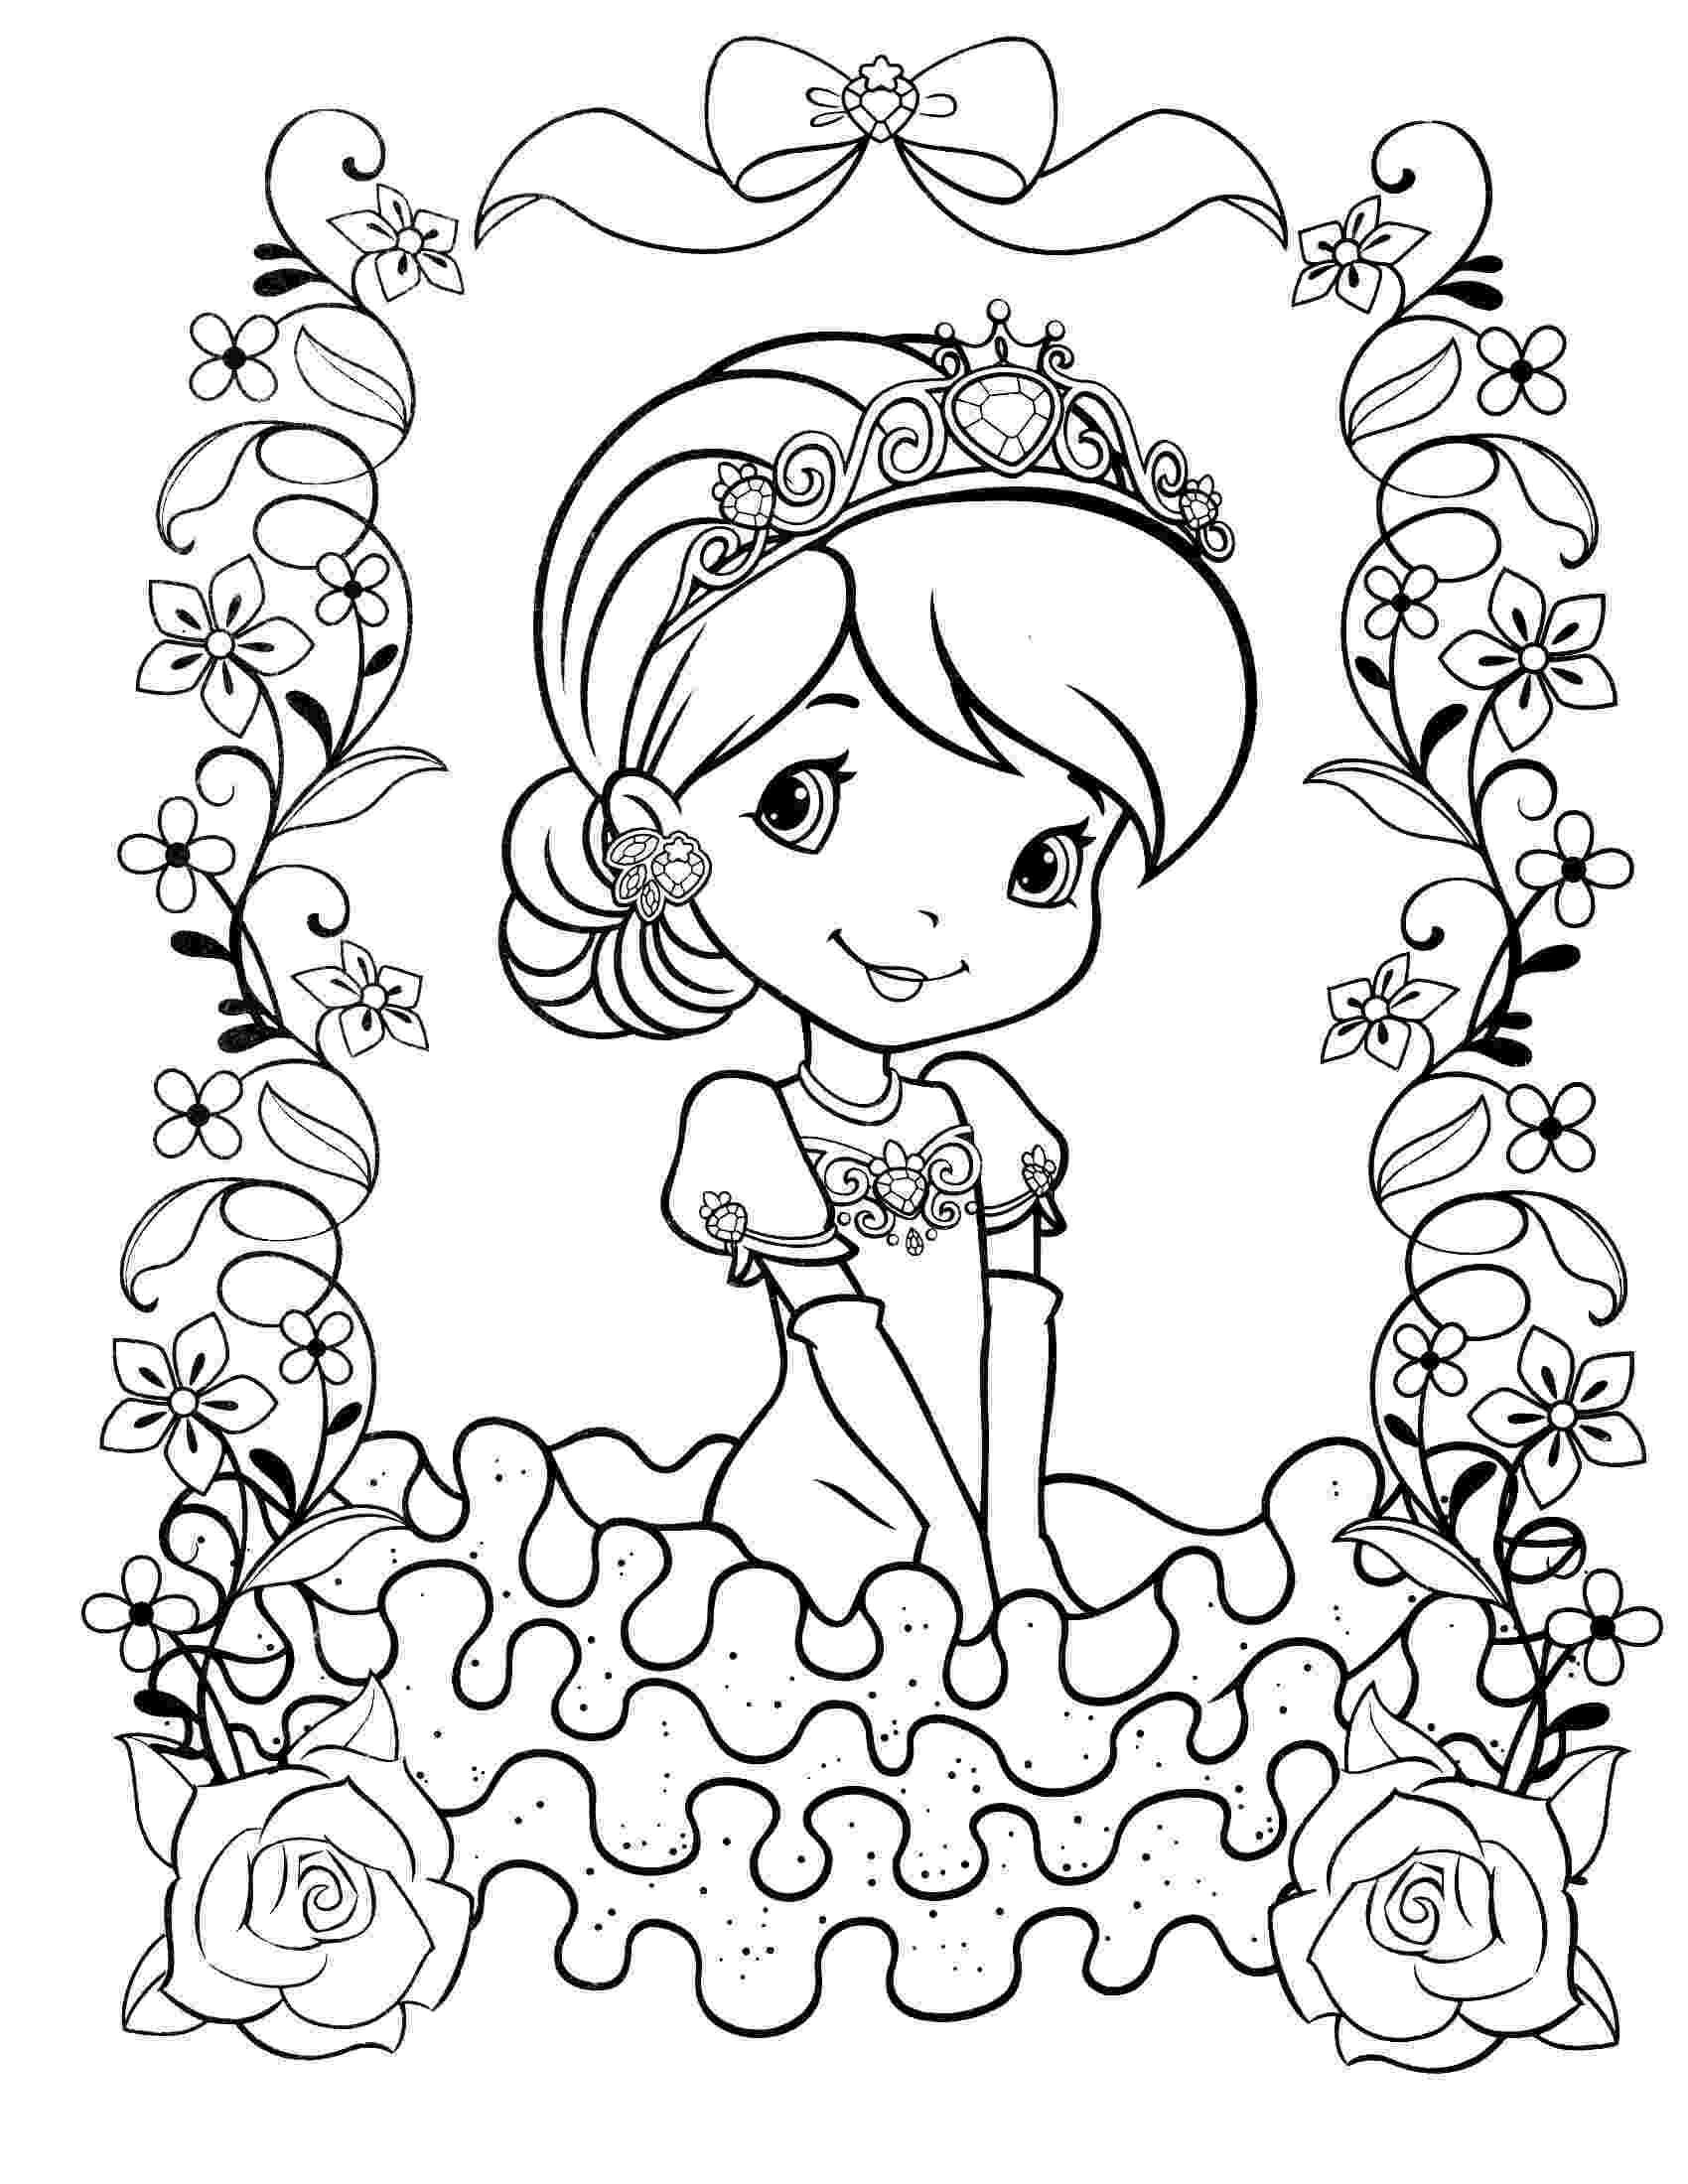 strawberry shortcake princess coloring pages omalovánky jahůdka 6 marcela 44 omalovánky princezny princess shortcake coloring strawberry pages